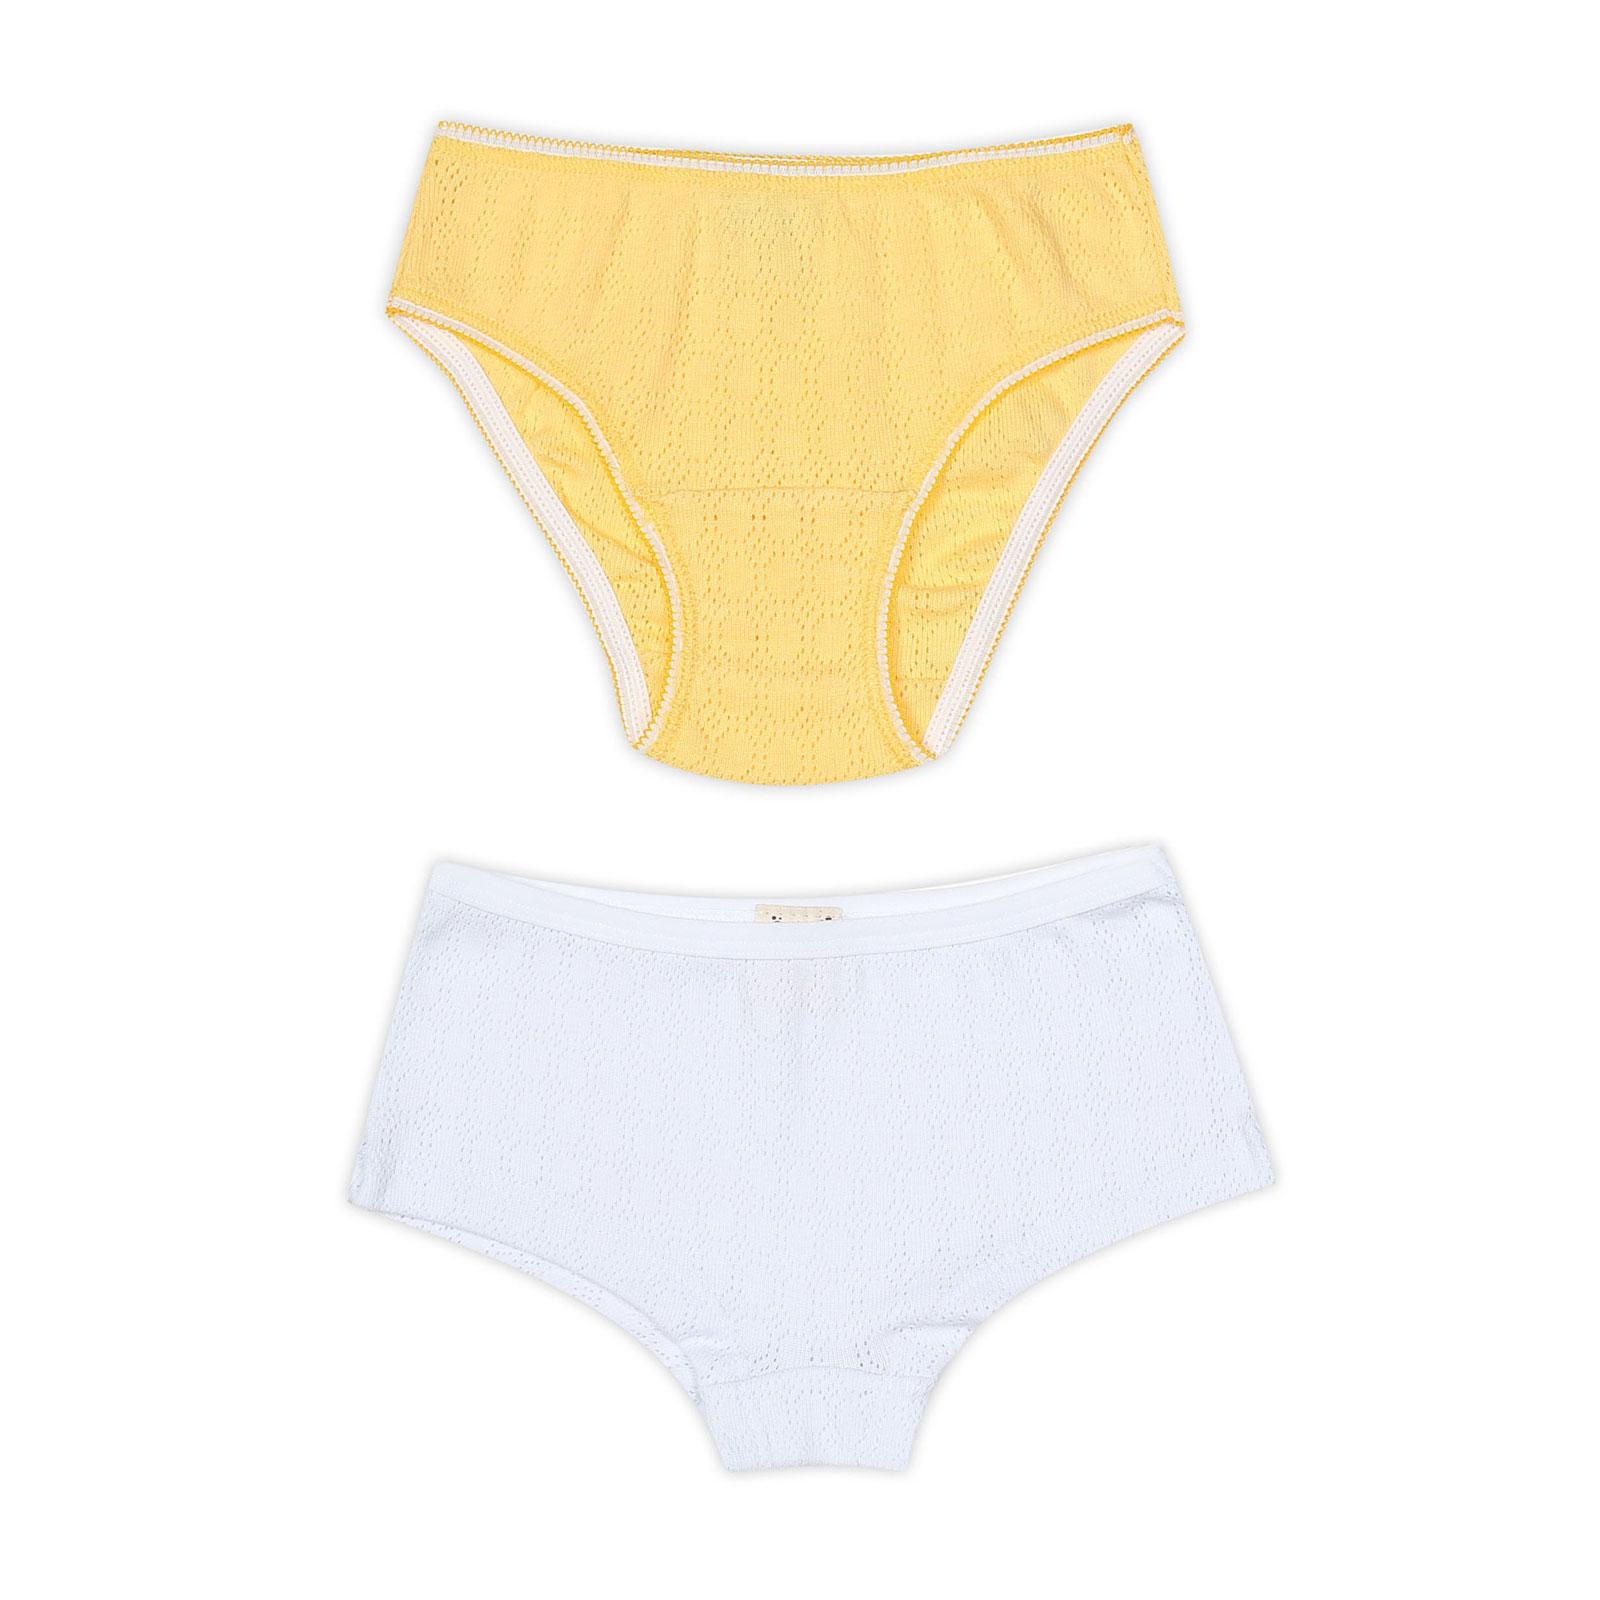 Комплект Ёмаё трусиков (34-102) рост 86 белый с желтым (2шт)<br>